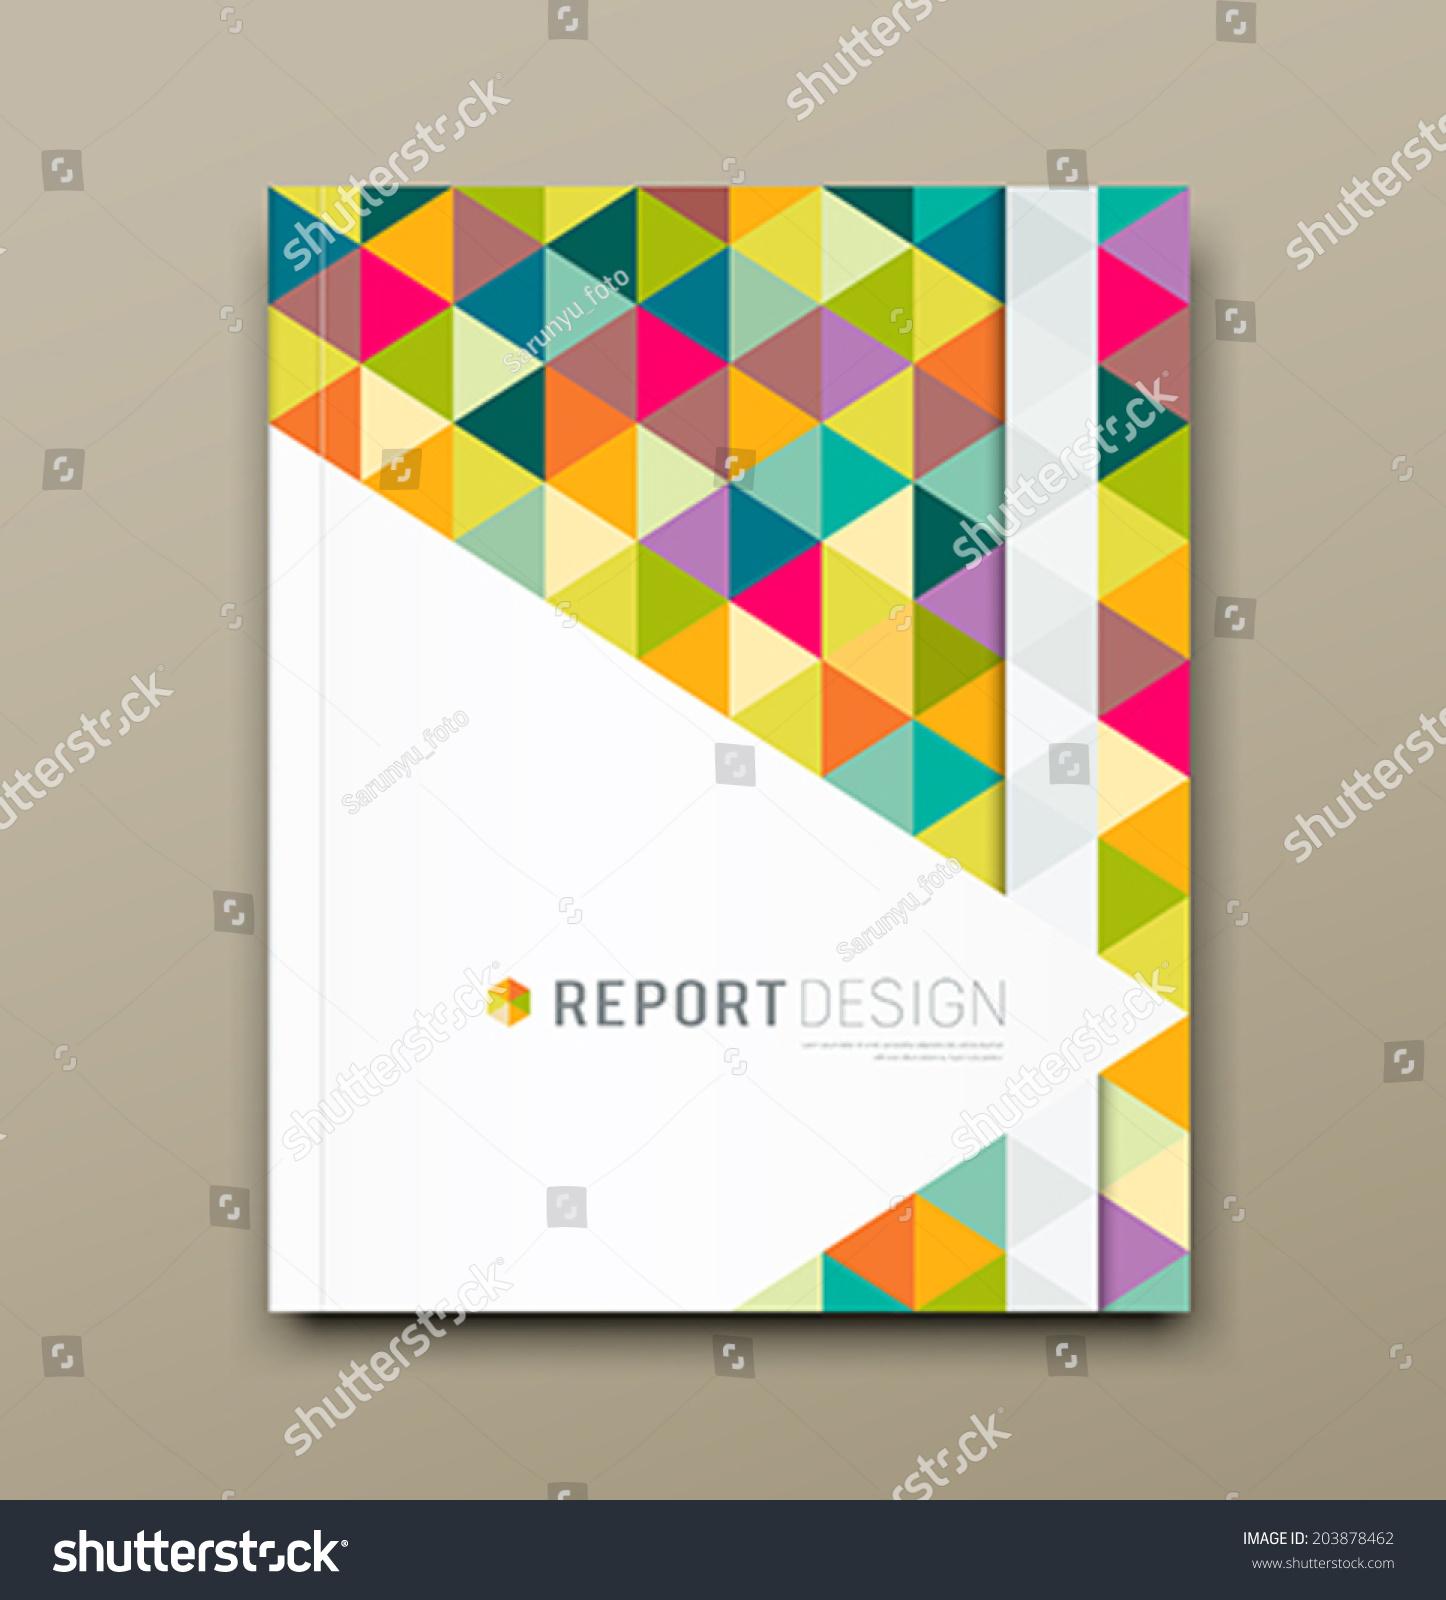 Графічний дизайн реферат